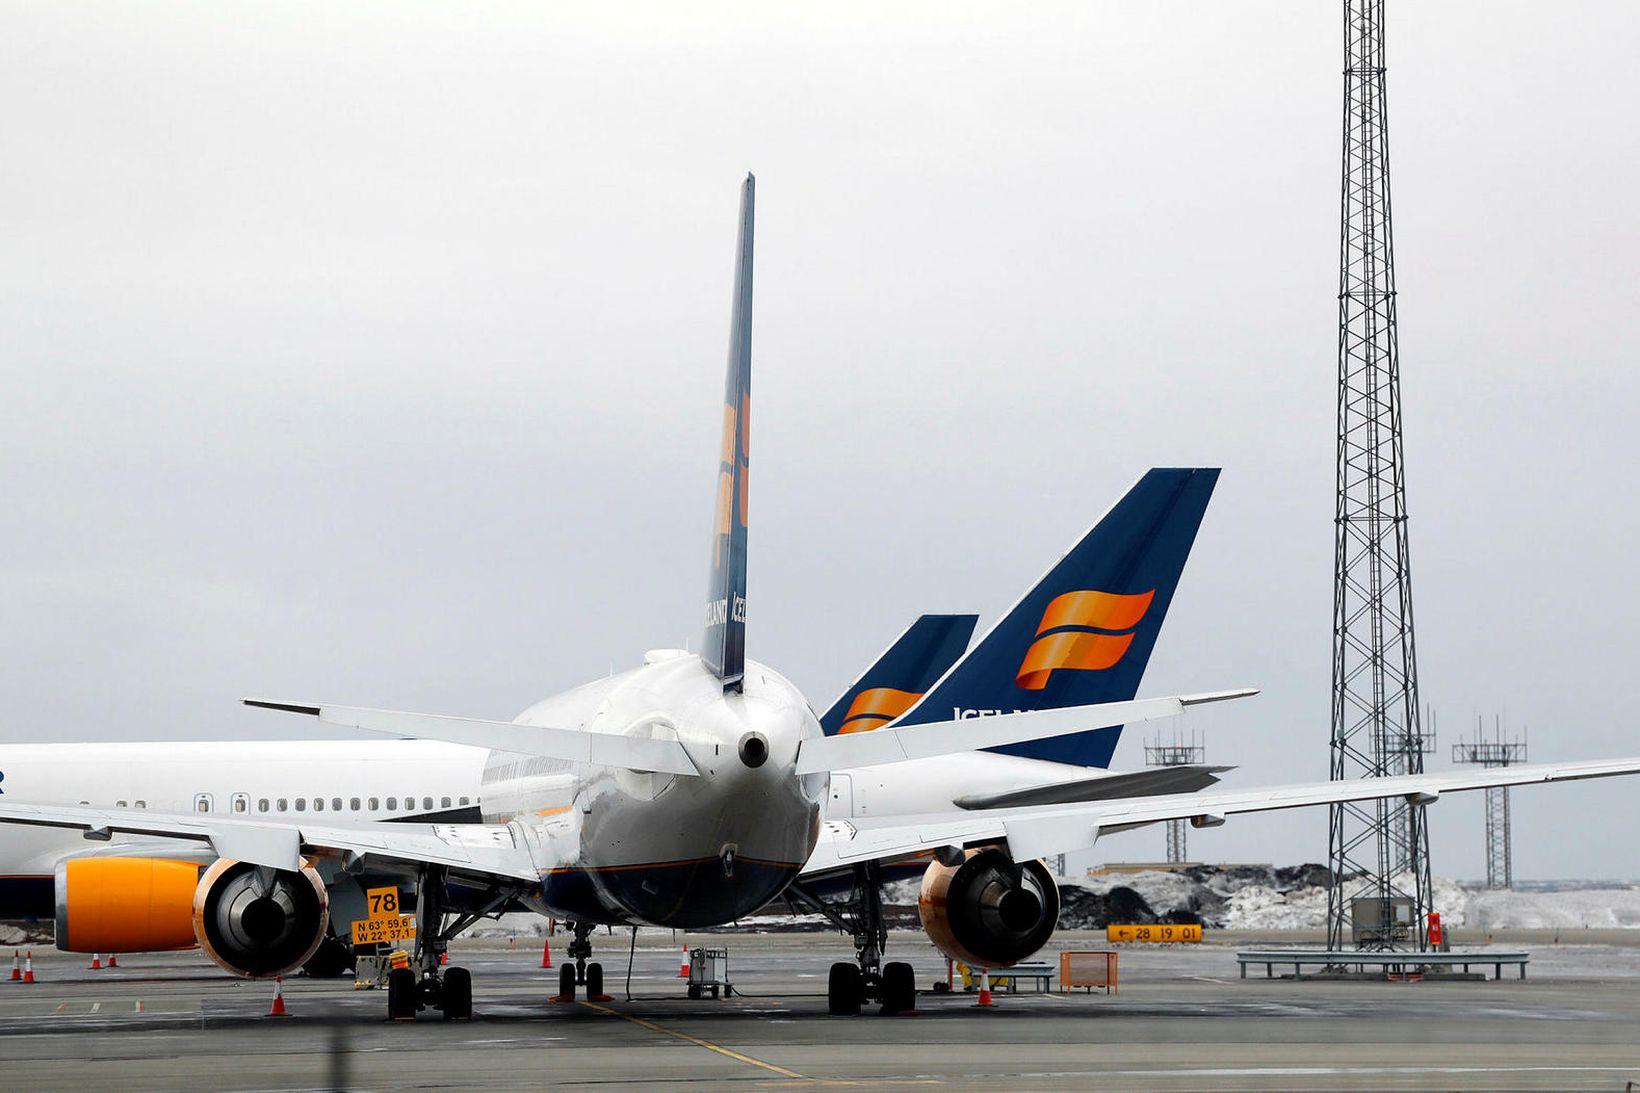 Icelandair Group hefur hækkað mest af fyrirtækjum í Kauphöll.